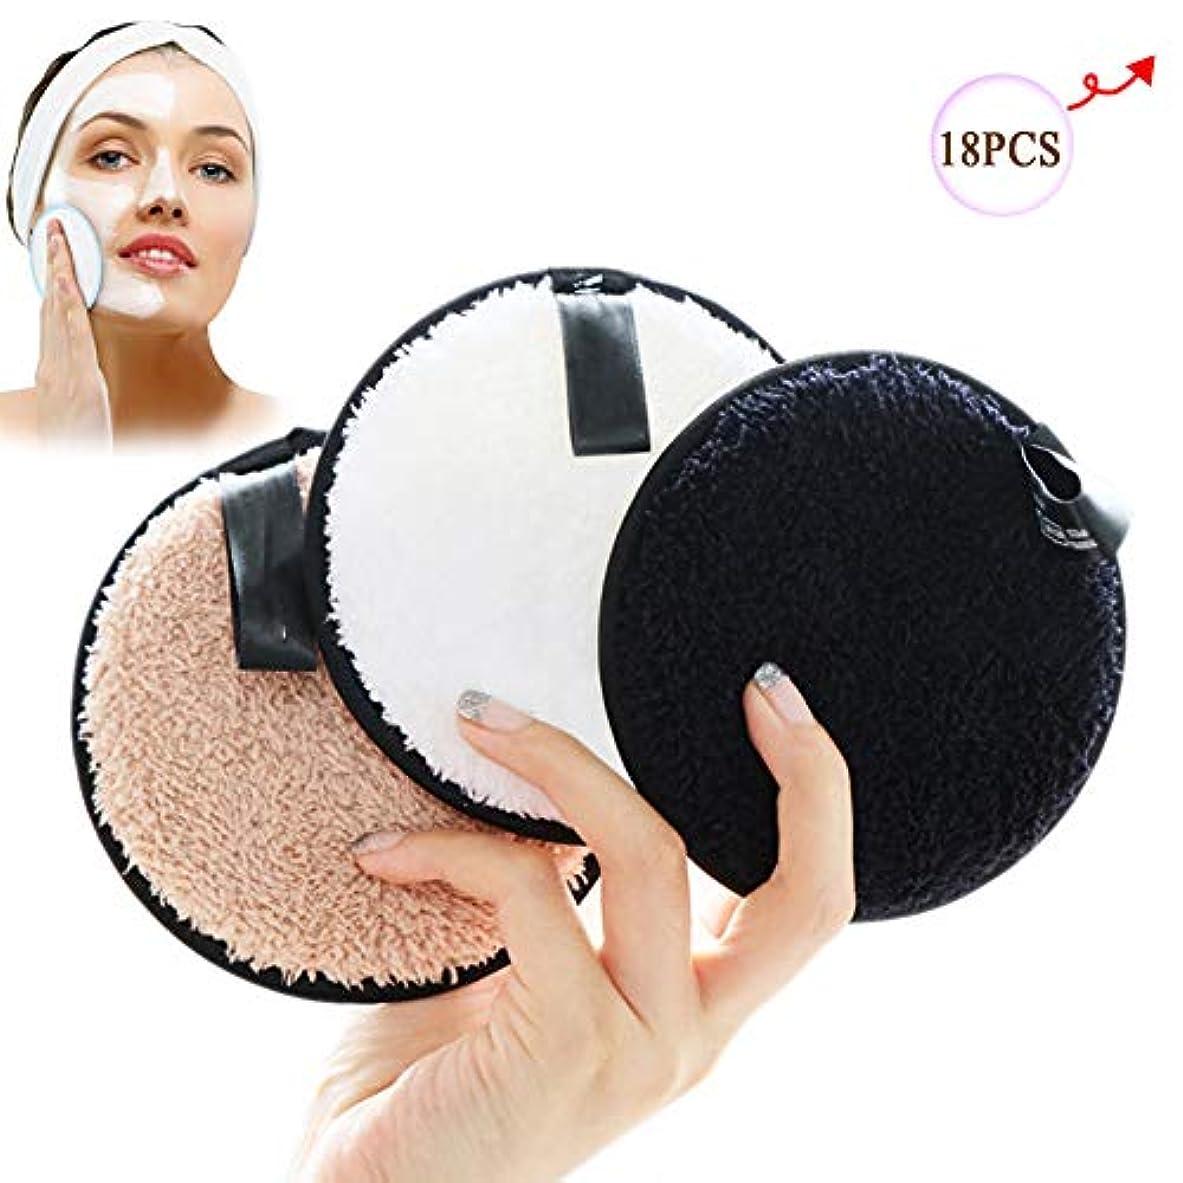 サイトラインピーブずるい除去剤のパッド、女性の表面/目/唇のための再使用可能な清潔になる綿繊維の構造の除去剤のワイプ,18PCS